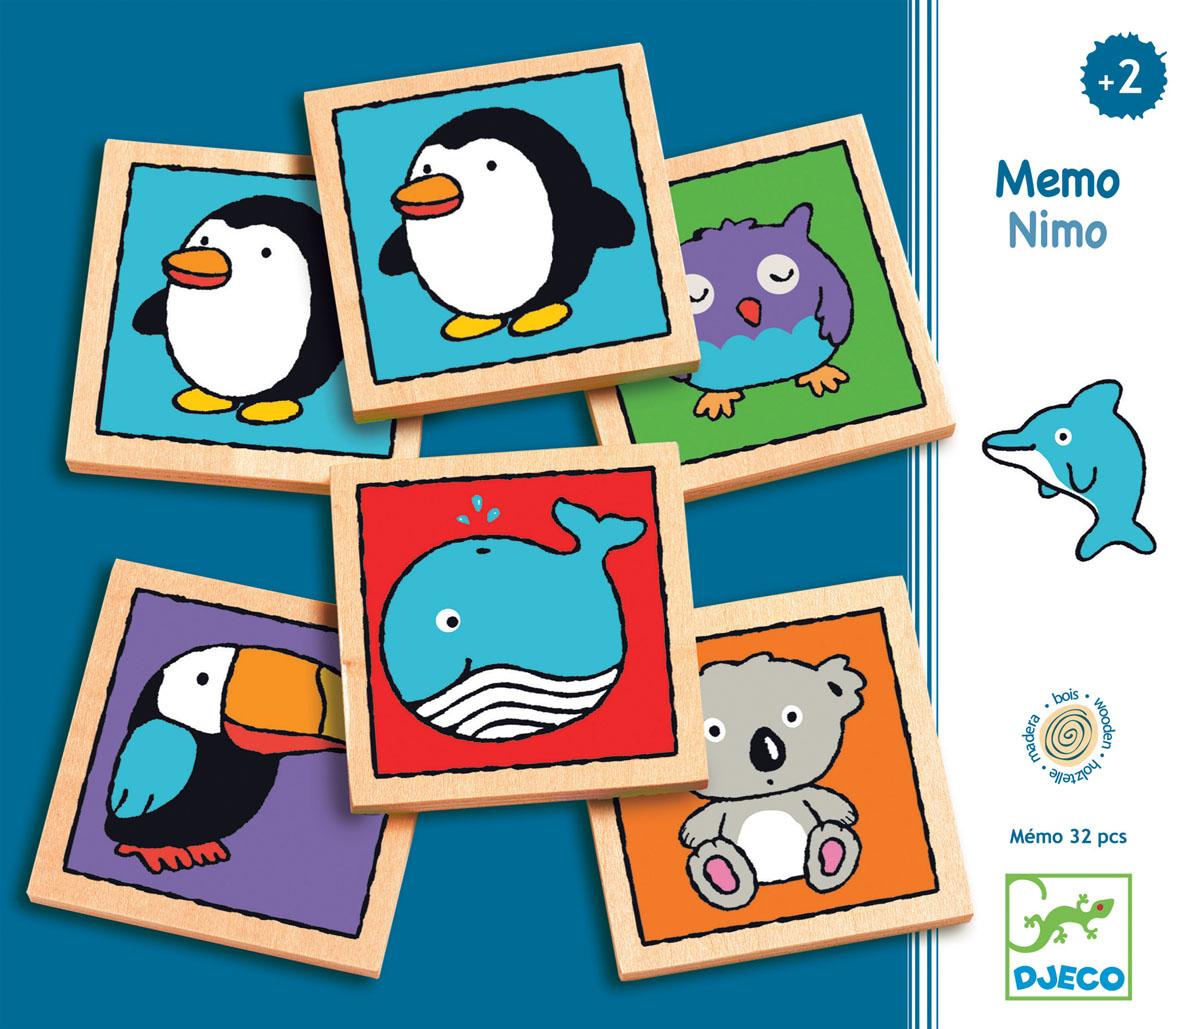 Djeco Настольная игра Мемо-нимо01637Настольная игра Мемо-нимо – восхитительная развивающая игра на память для малышей от 2-х лет от Djeco! В наборе ваш ребенок найдет 32 деревянные карточки с парными изображениями птиц, животных и морских обитателей. Ребенку нужно запомнить расположение карточек, перевернуть их картинками вниз, а затем, переворачивая обратно, найти карточки с одинаковыми картинками. Все детали набора изготовлены из высококачественных нетоксичных материалов. Набор продается в яркой подарочной коробке. Настольная игра Мемо-нимо прекрасно подойдет в качестве развлечения для любого детского праздника. Игра развивает логическое мышление, сообразительность и внимательность ребенка, учит его усидчивости и терпению.